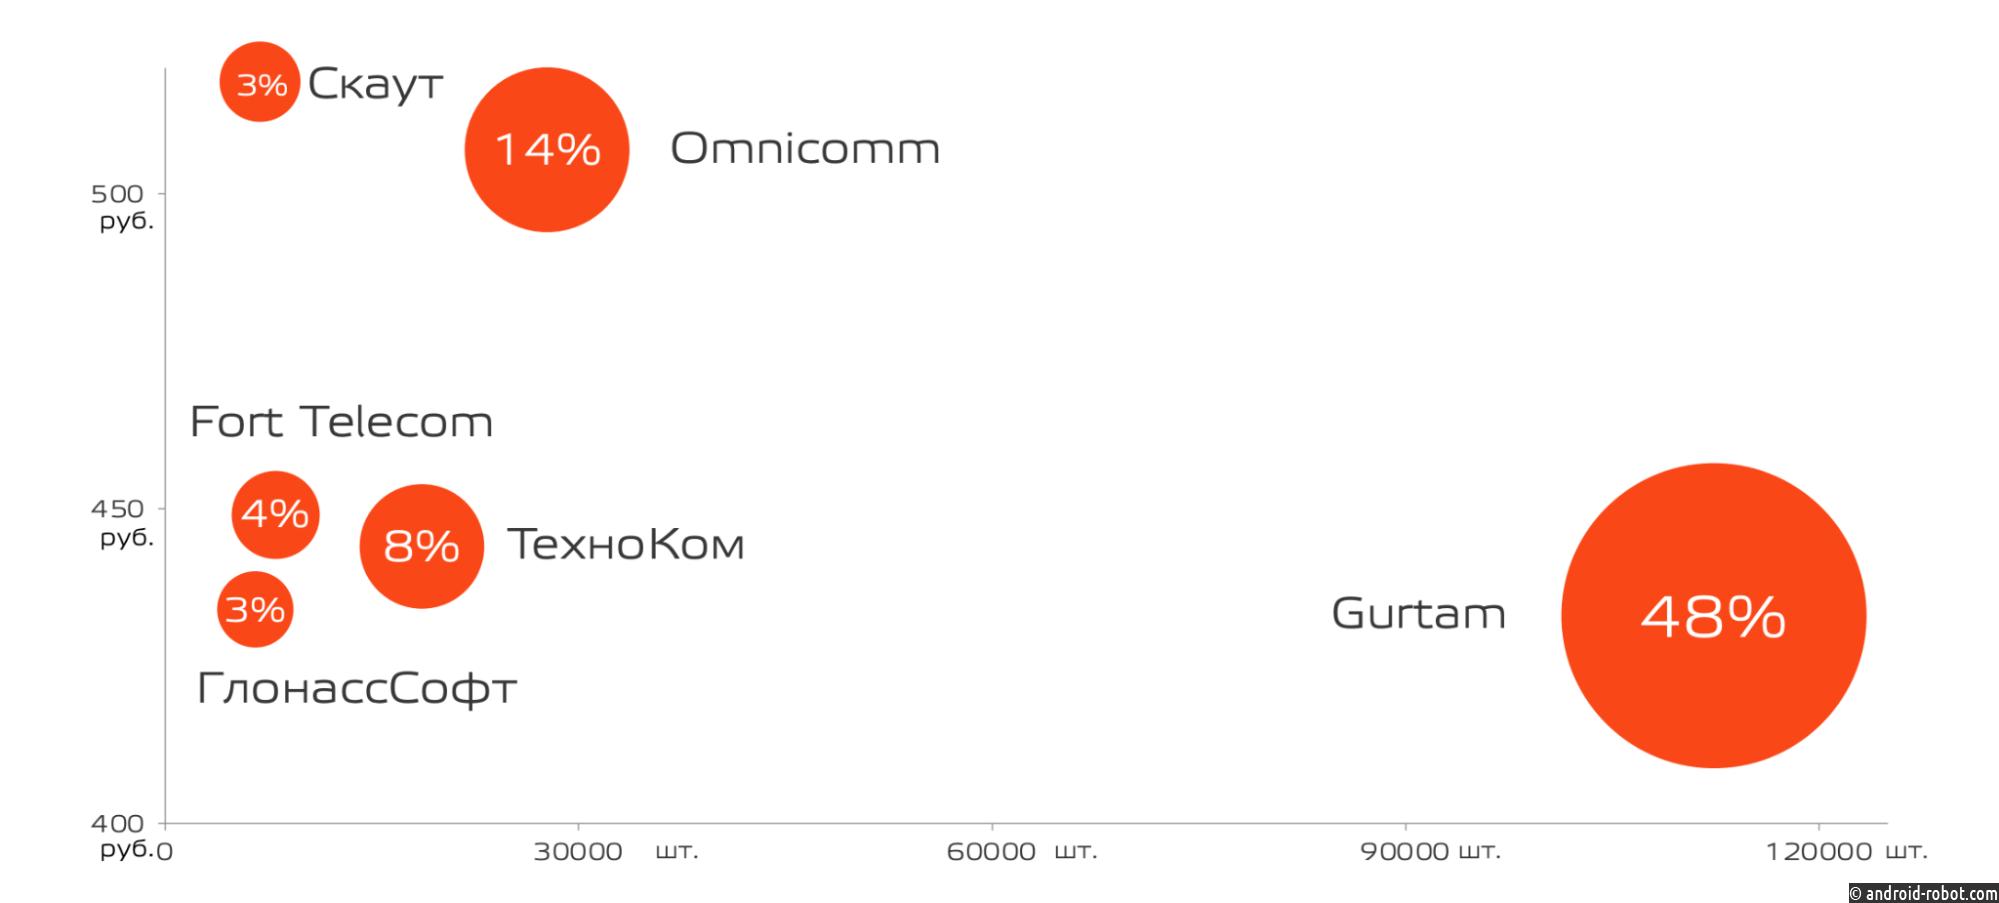 IoT-платформа Wialon заняла почти половину рынка транспортной телематики России